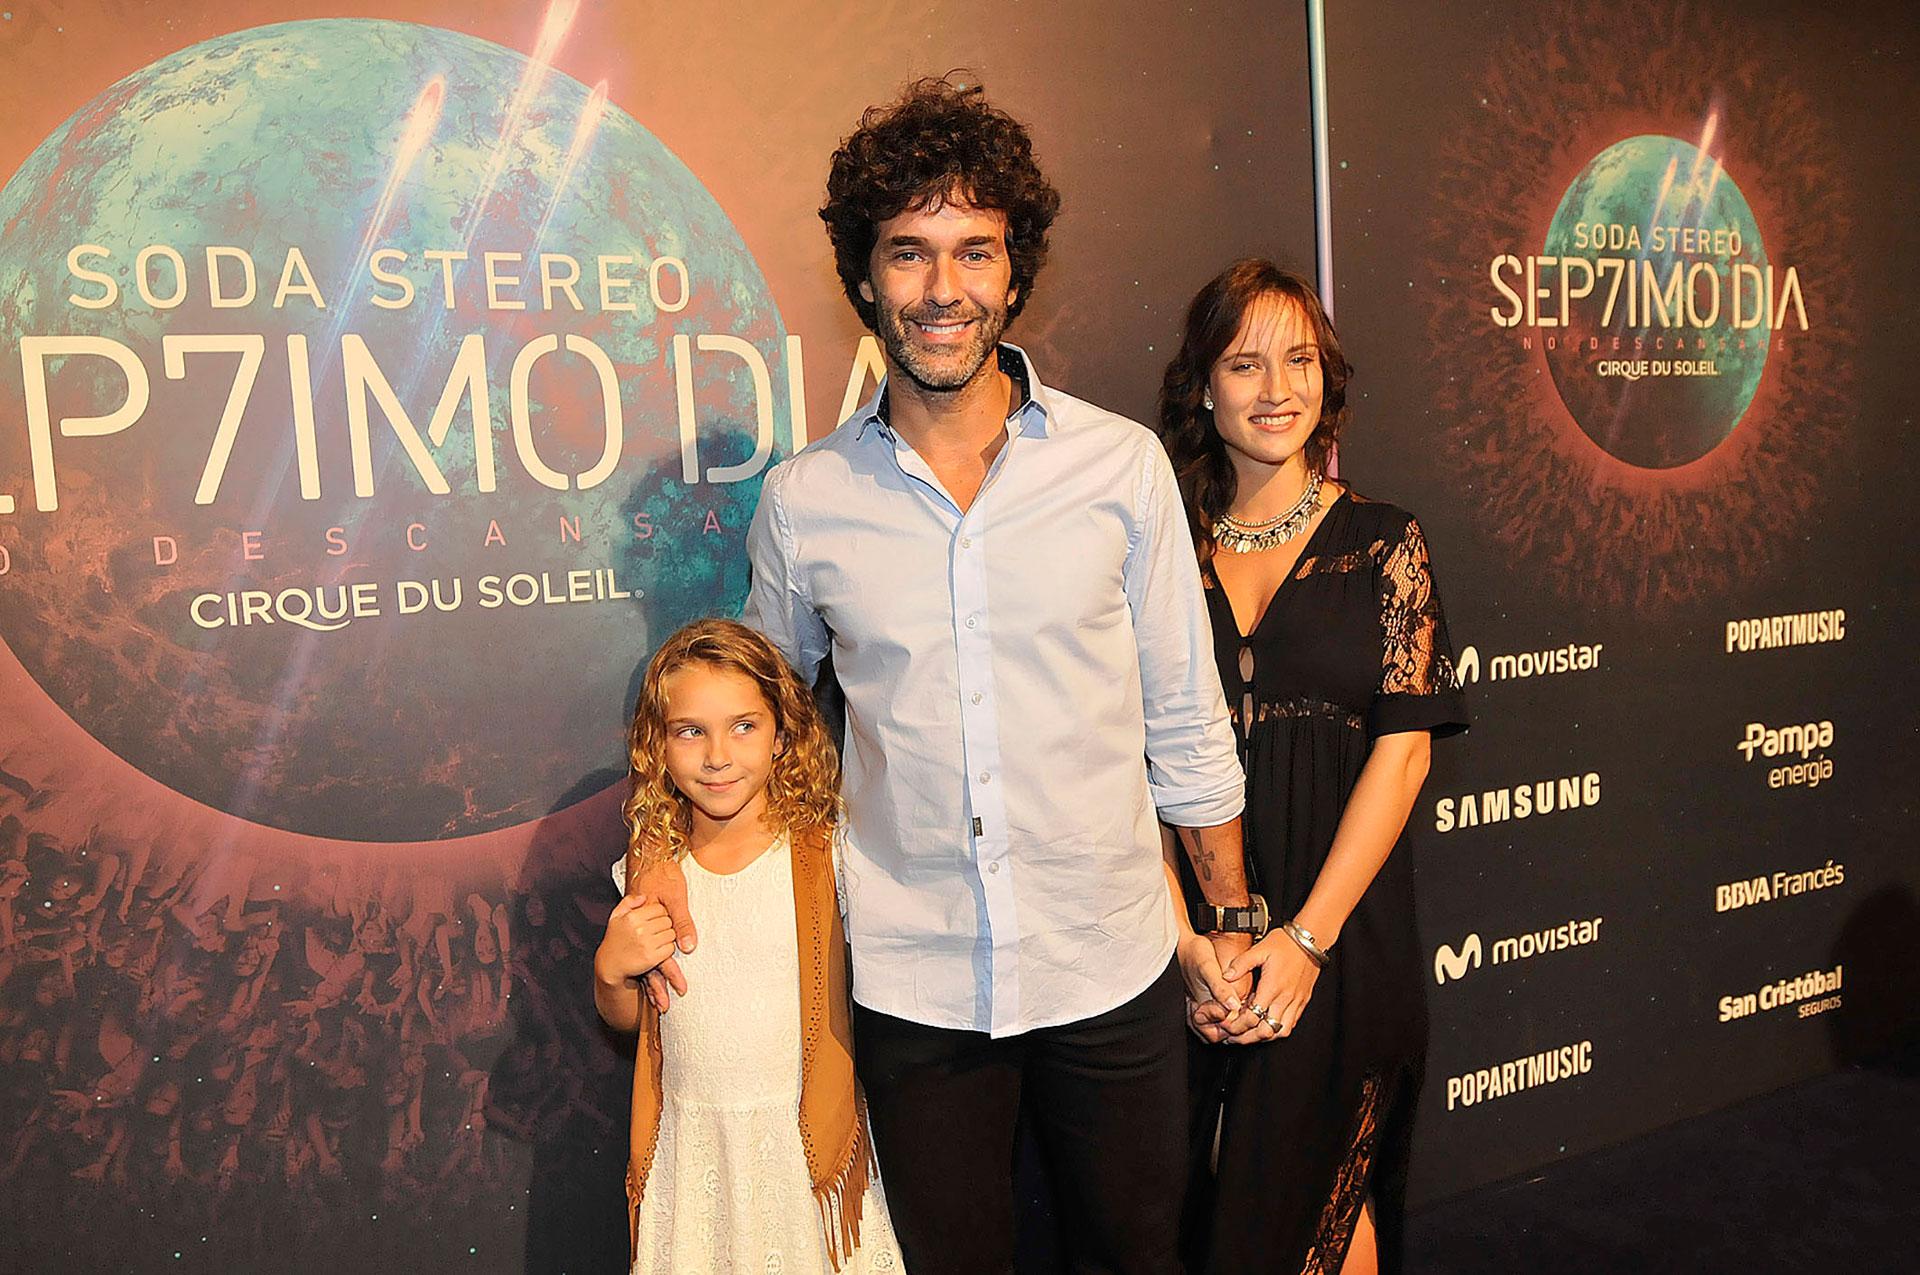 Mariano Martínez, acompañado por su novia Camila Cavallo y la pequeña Olivia. En el evento también estuvo su ex, Lali Espósito con su nueva pareja